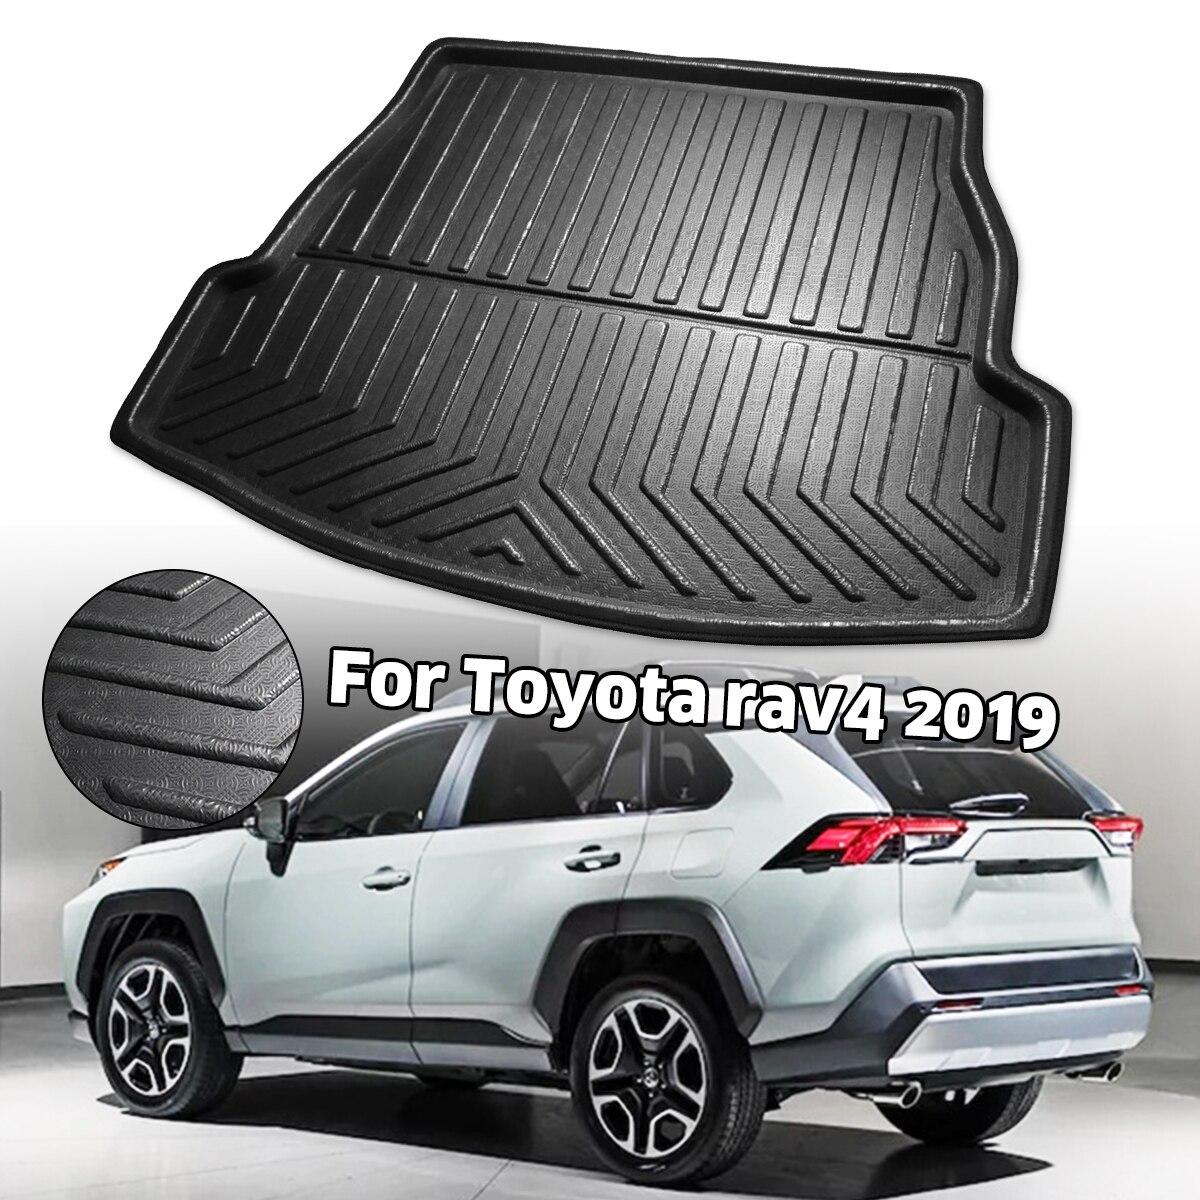 سيارة الخلفي حمولة حقيبة السيارة بطانة التمهيد صينية غطاء مات حصيرة سجادة أرضيات ركلة الوسادة لتويوتا RAV4 2019 2020 XA50